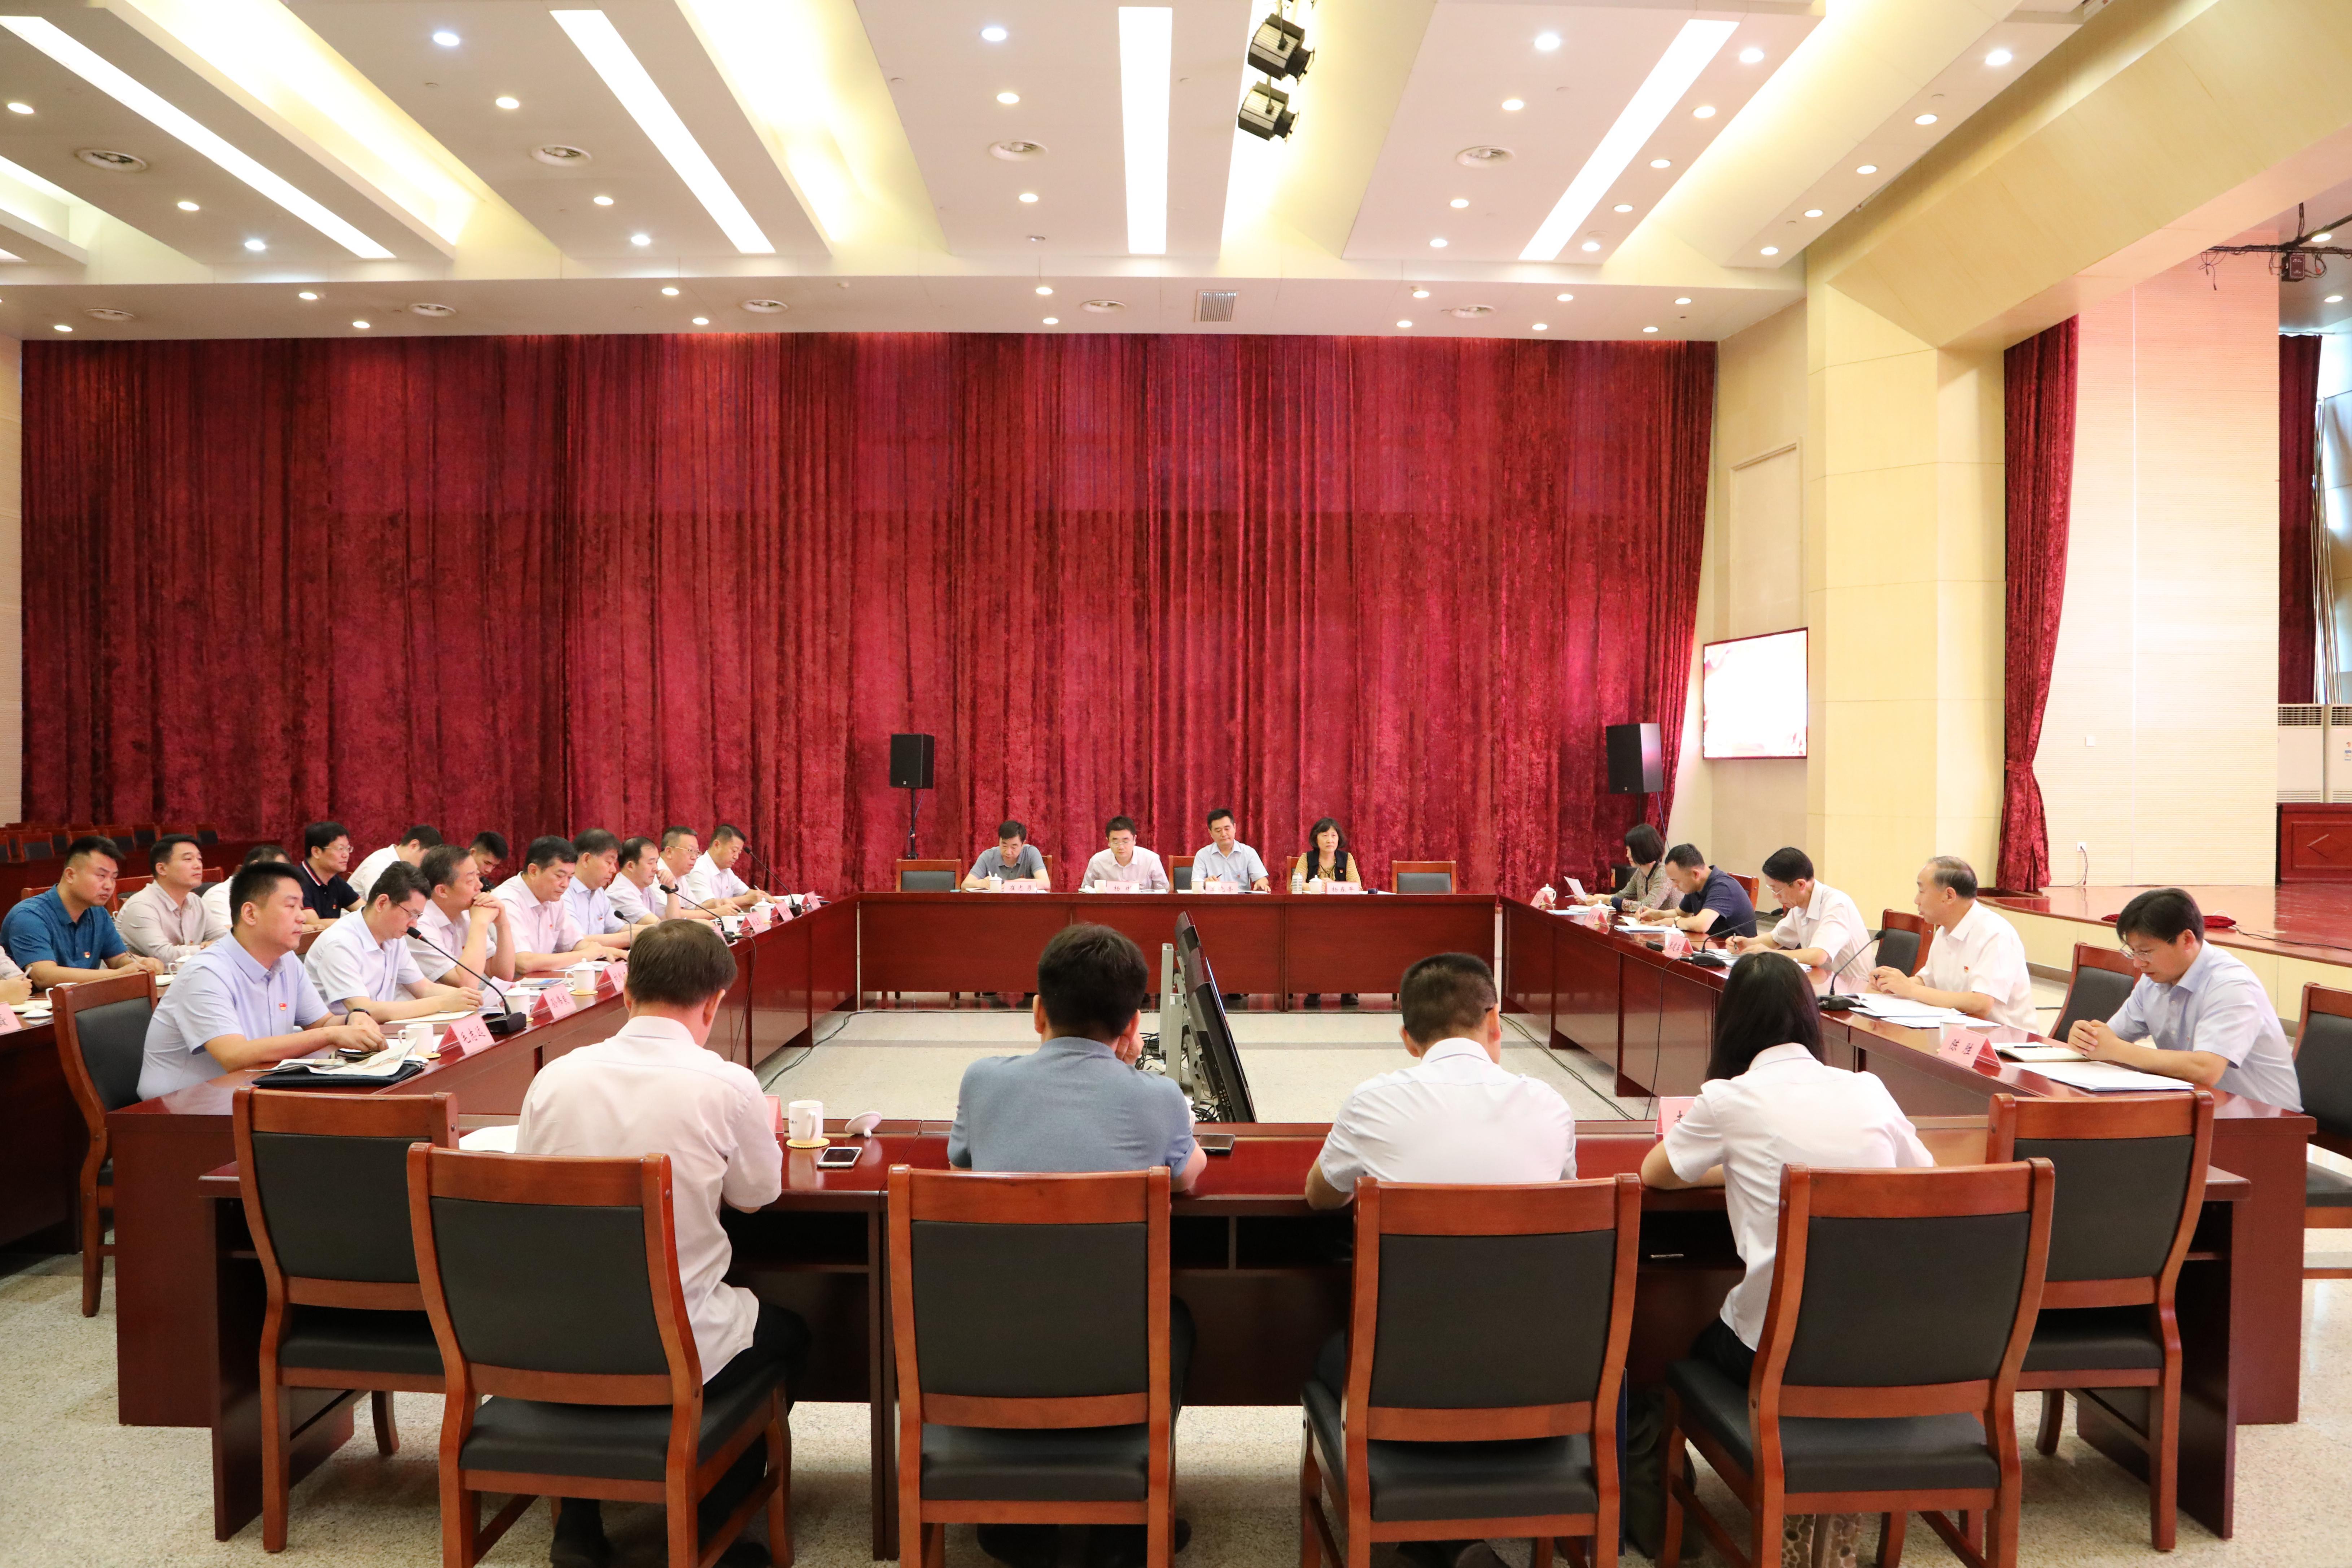 综合事务部7月9日省管企业第一巡回指导组召开主题教育工作座谈会.jpg